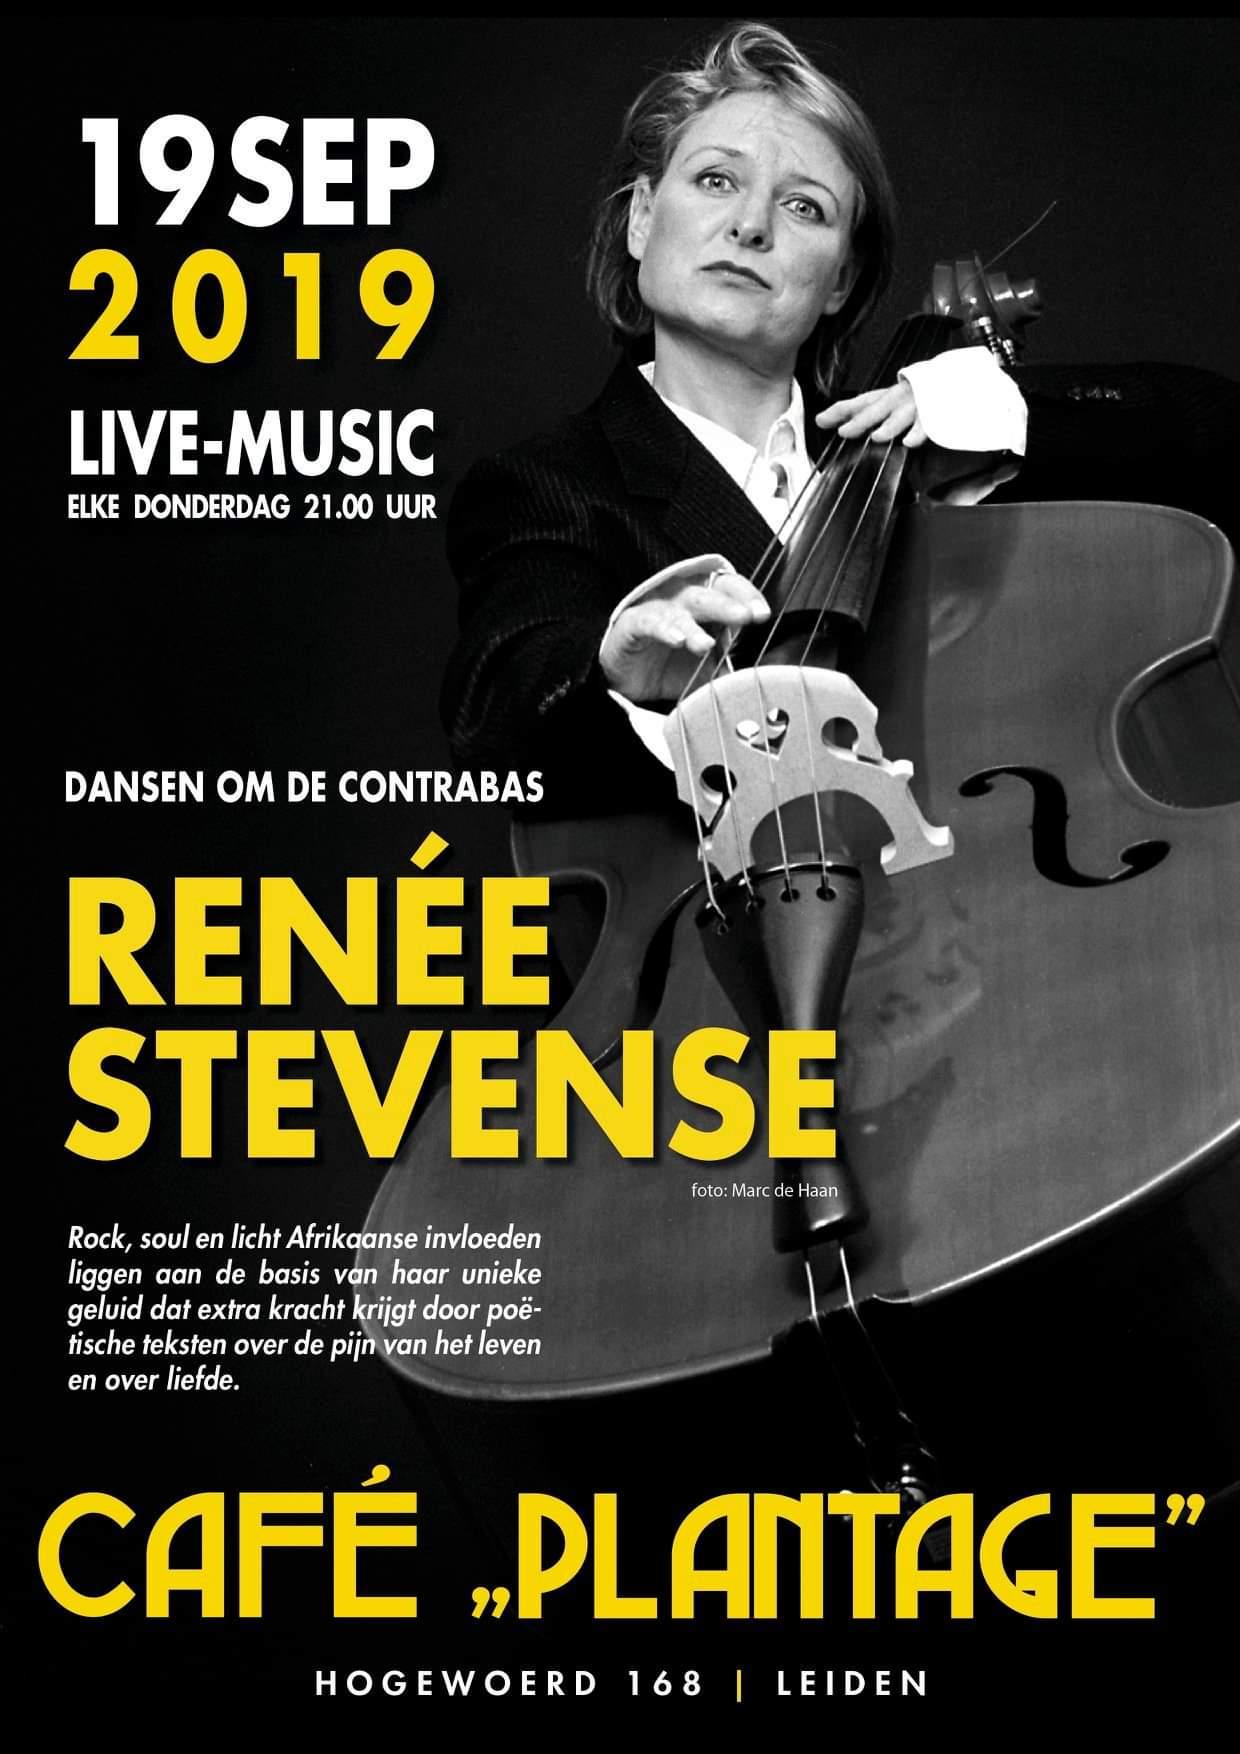 Renee Stevense